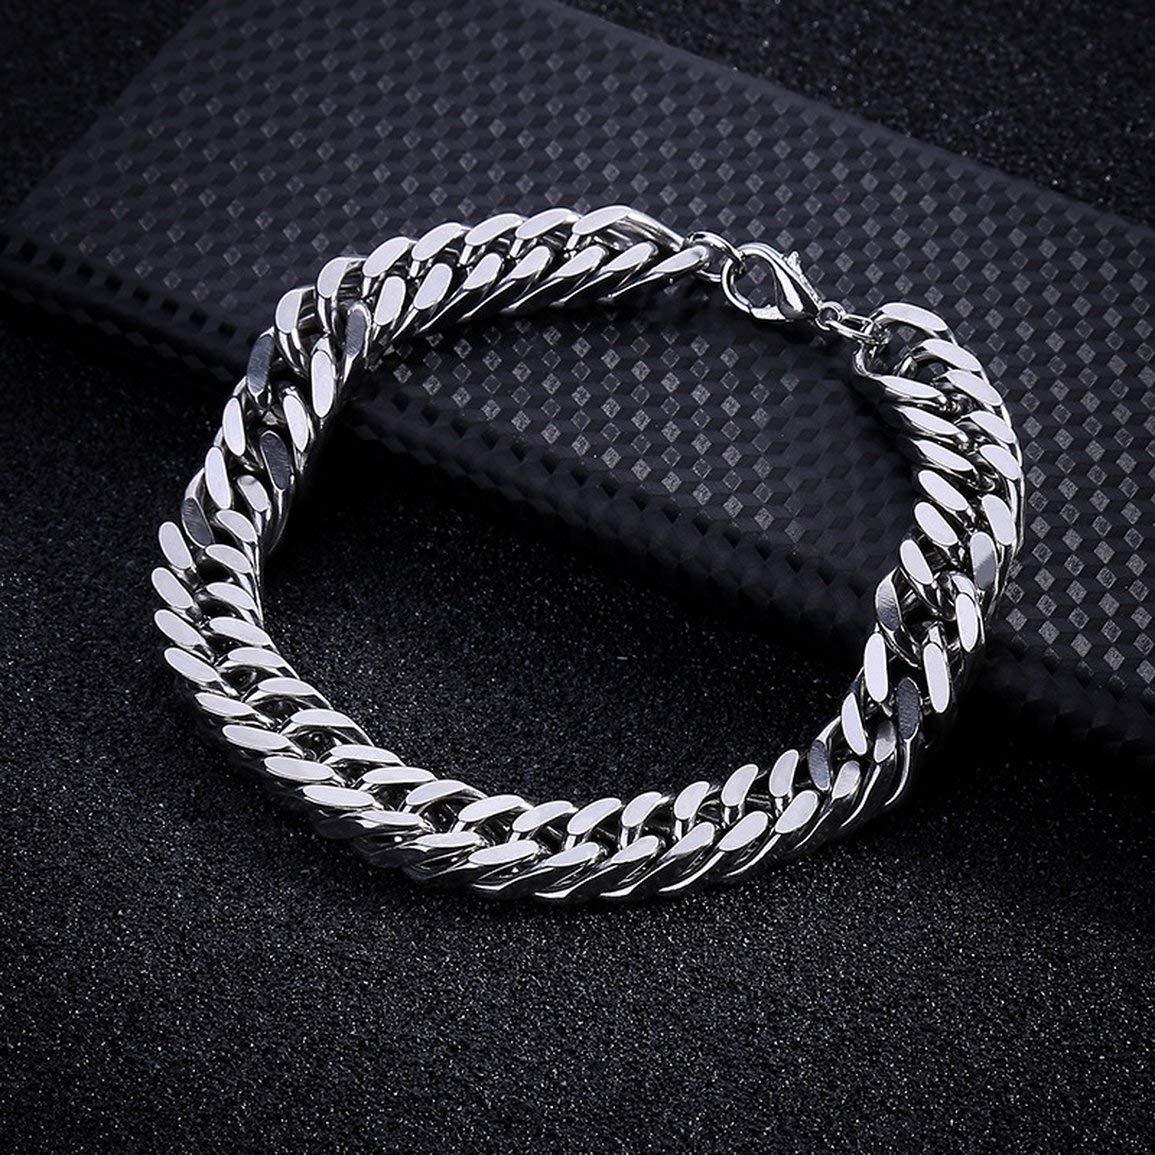 Dimensioni: 3mm Y1293mm Colore: argento Y129 Bracciali maschili Squisito ragazzo catena universale acciaio inossidabile uomini Bracciale accattivante uomini ornamenti